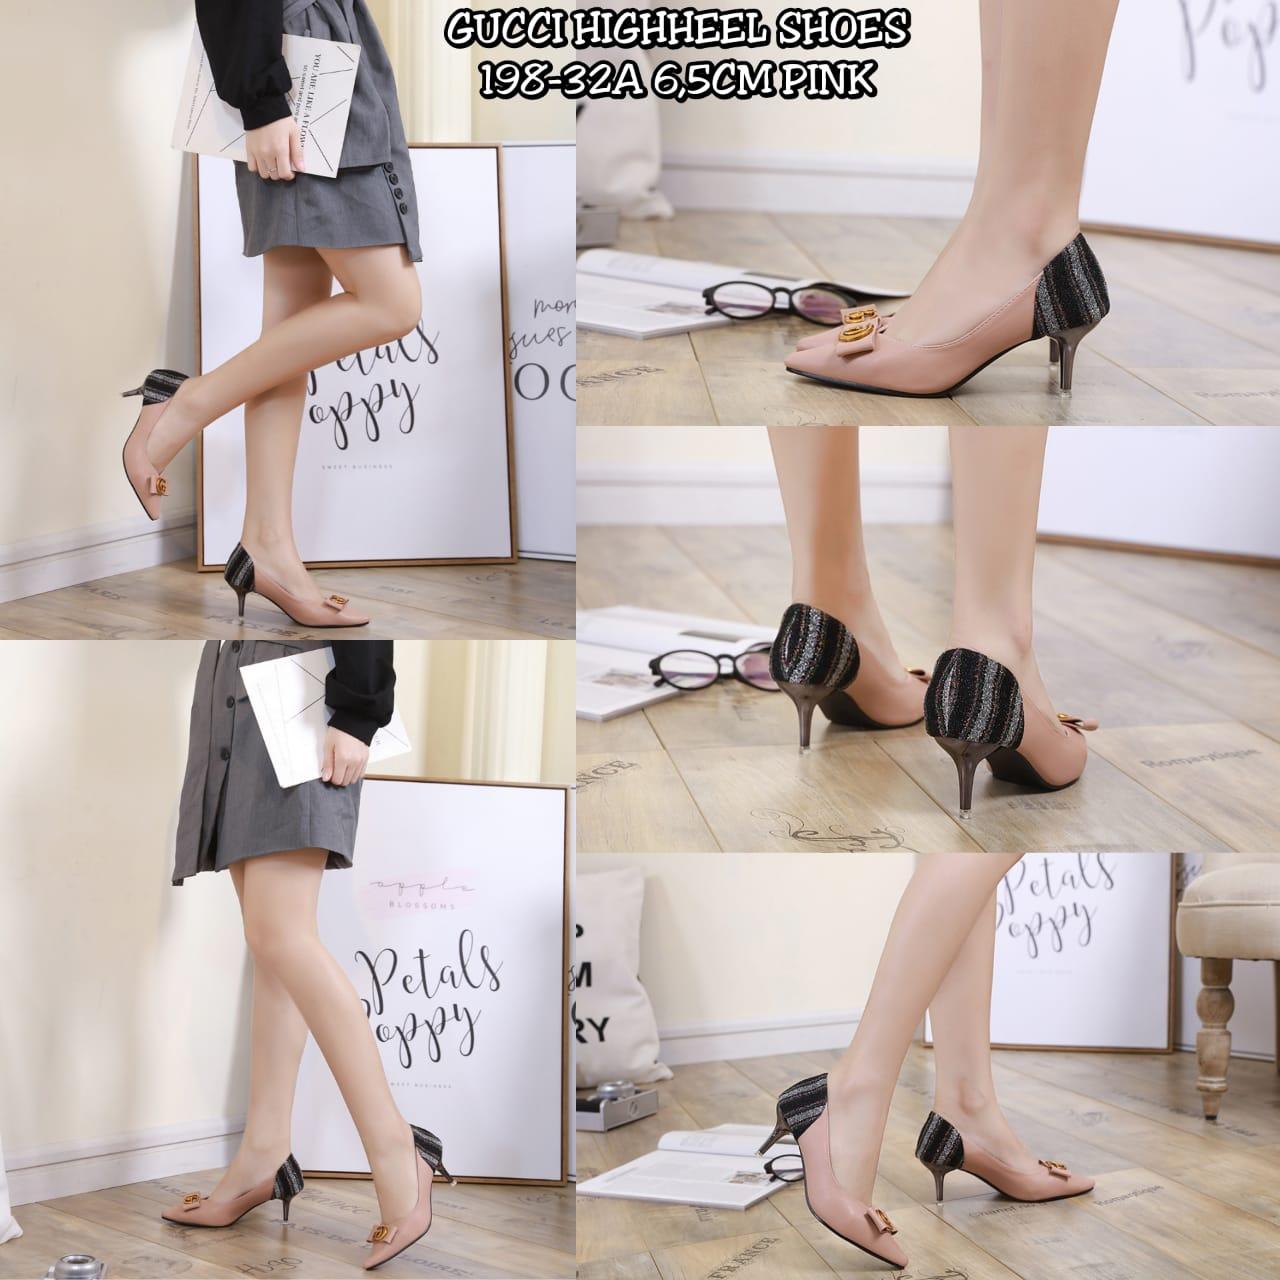 Sepatu High Heels Gucci Terbaru 2020 Di Jakarta Sepatu Import 1066